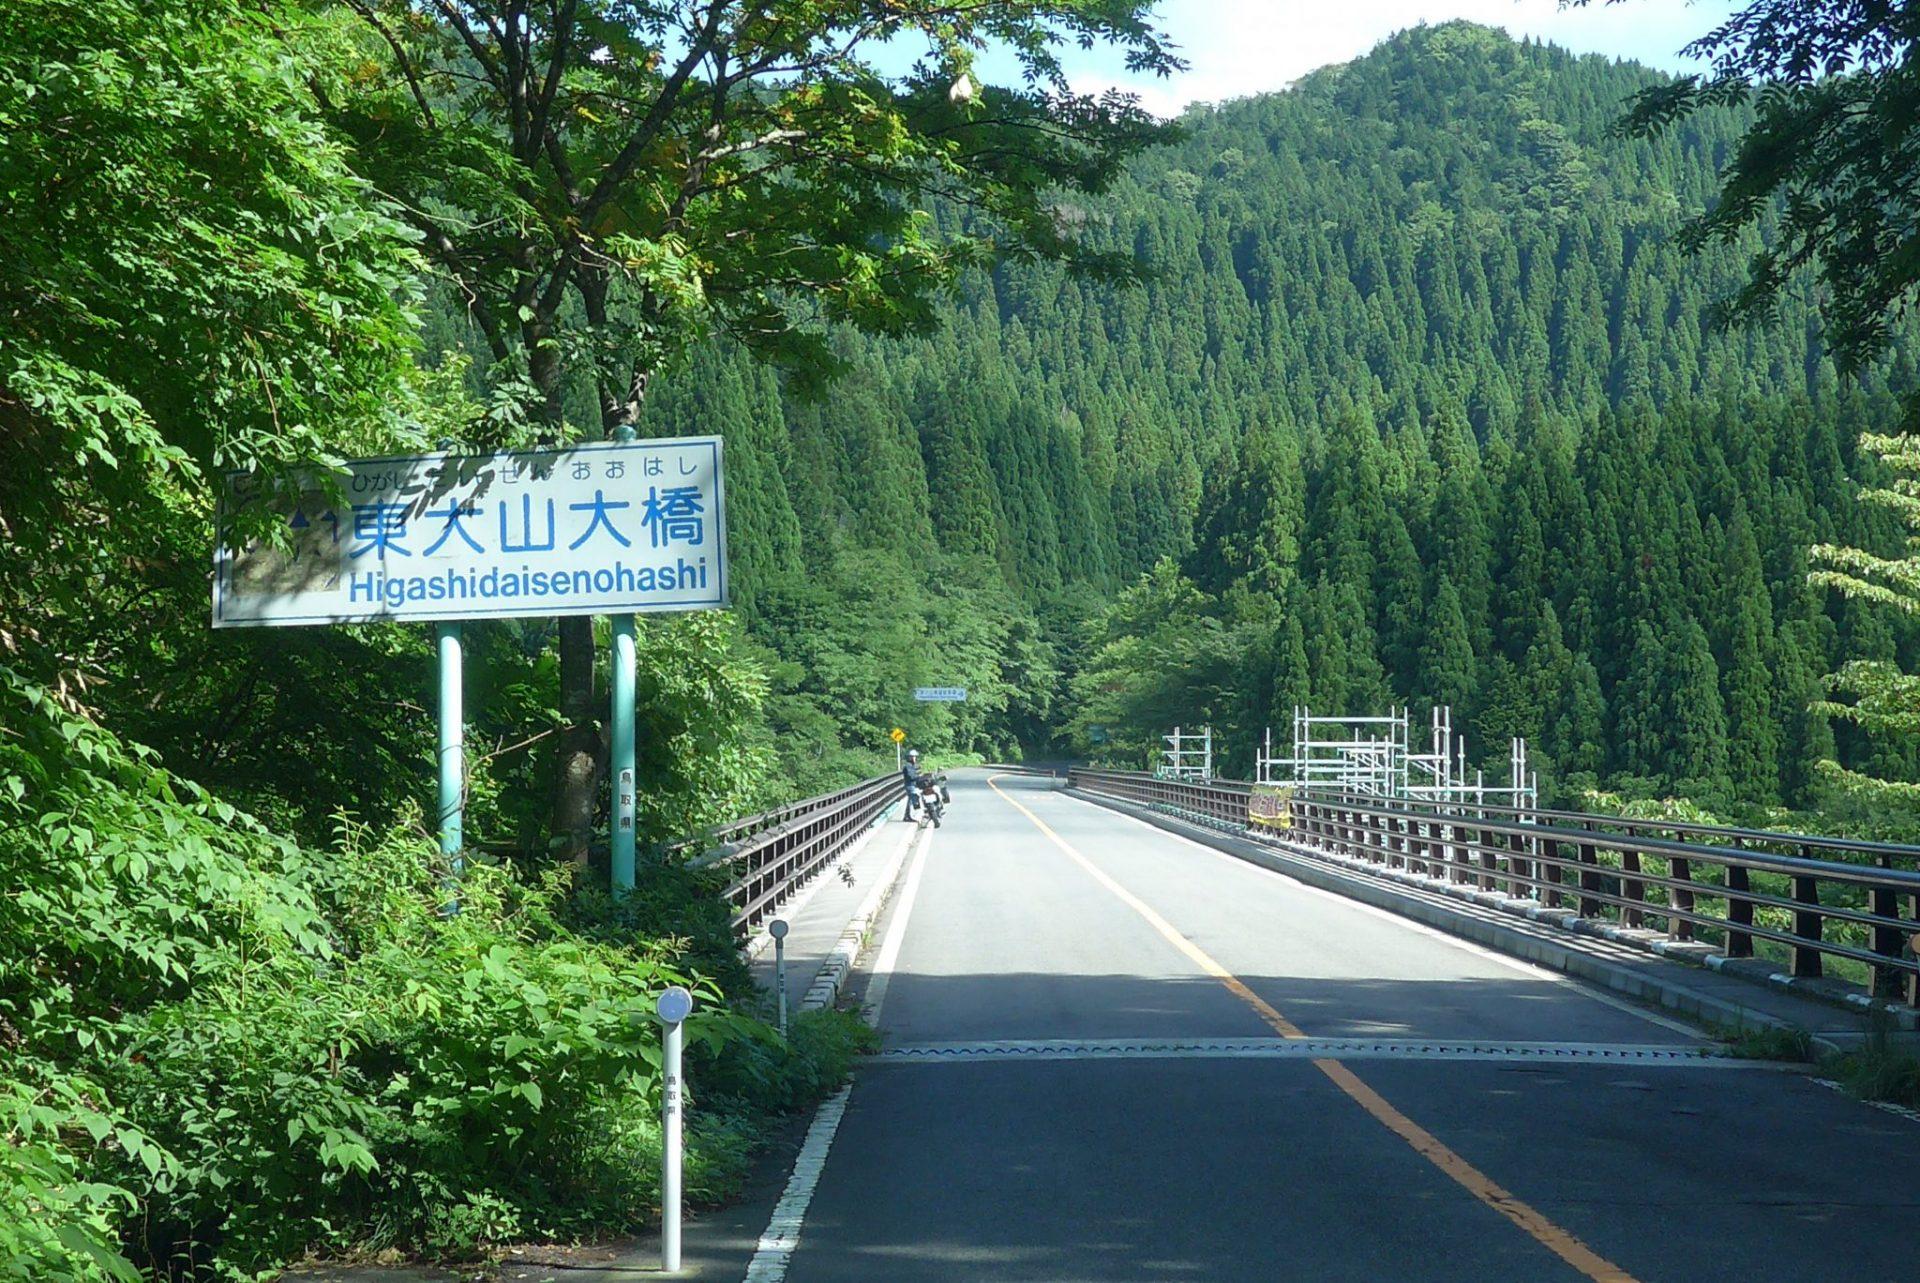 (K)大山環状道路を左回り一周!道幅狭い区間回避して安心ドライブ